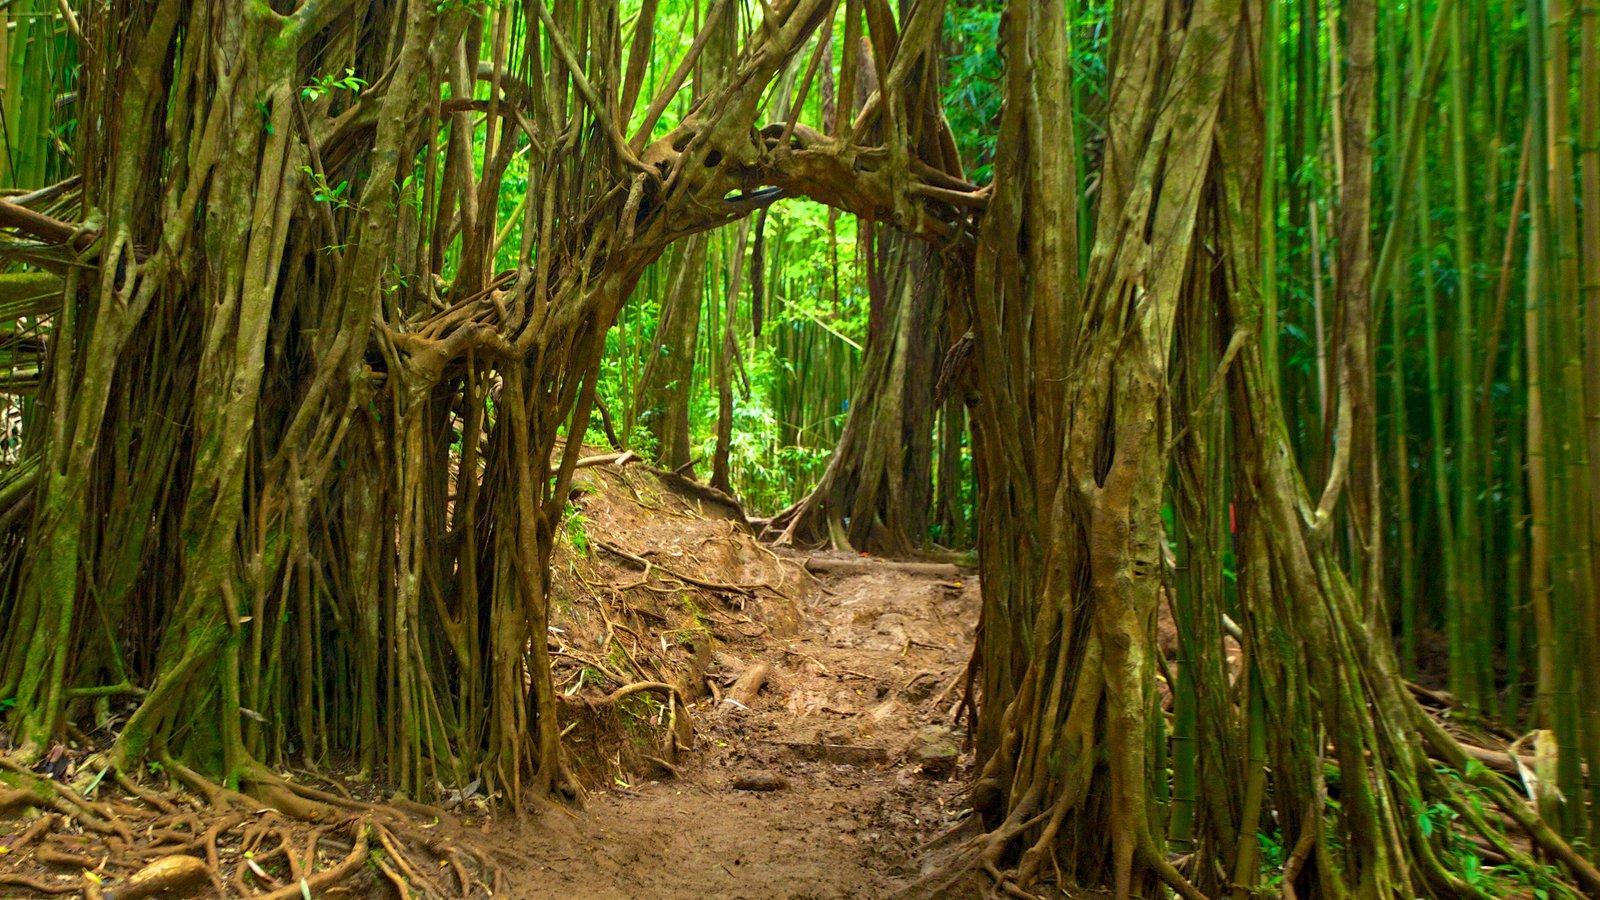 Honolulu que inclui floresta tropical, florestas e cenas tropicais